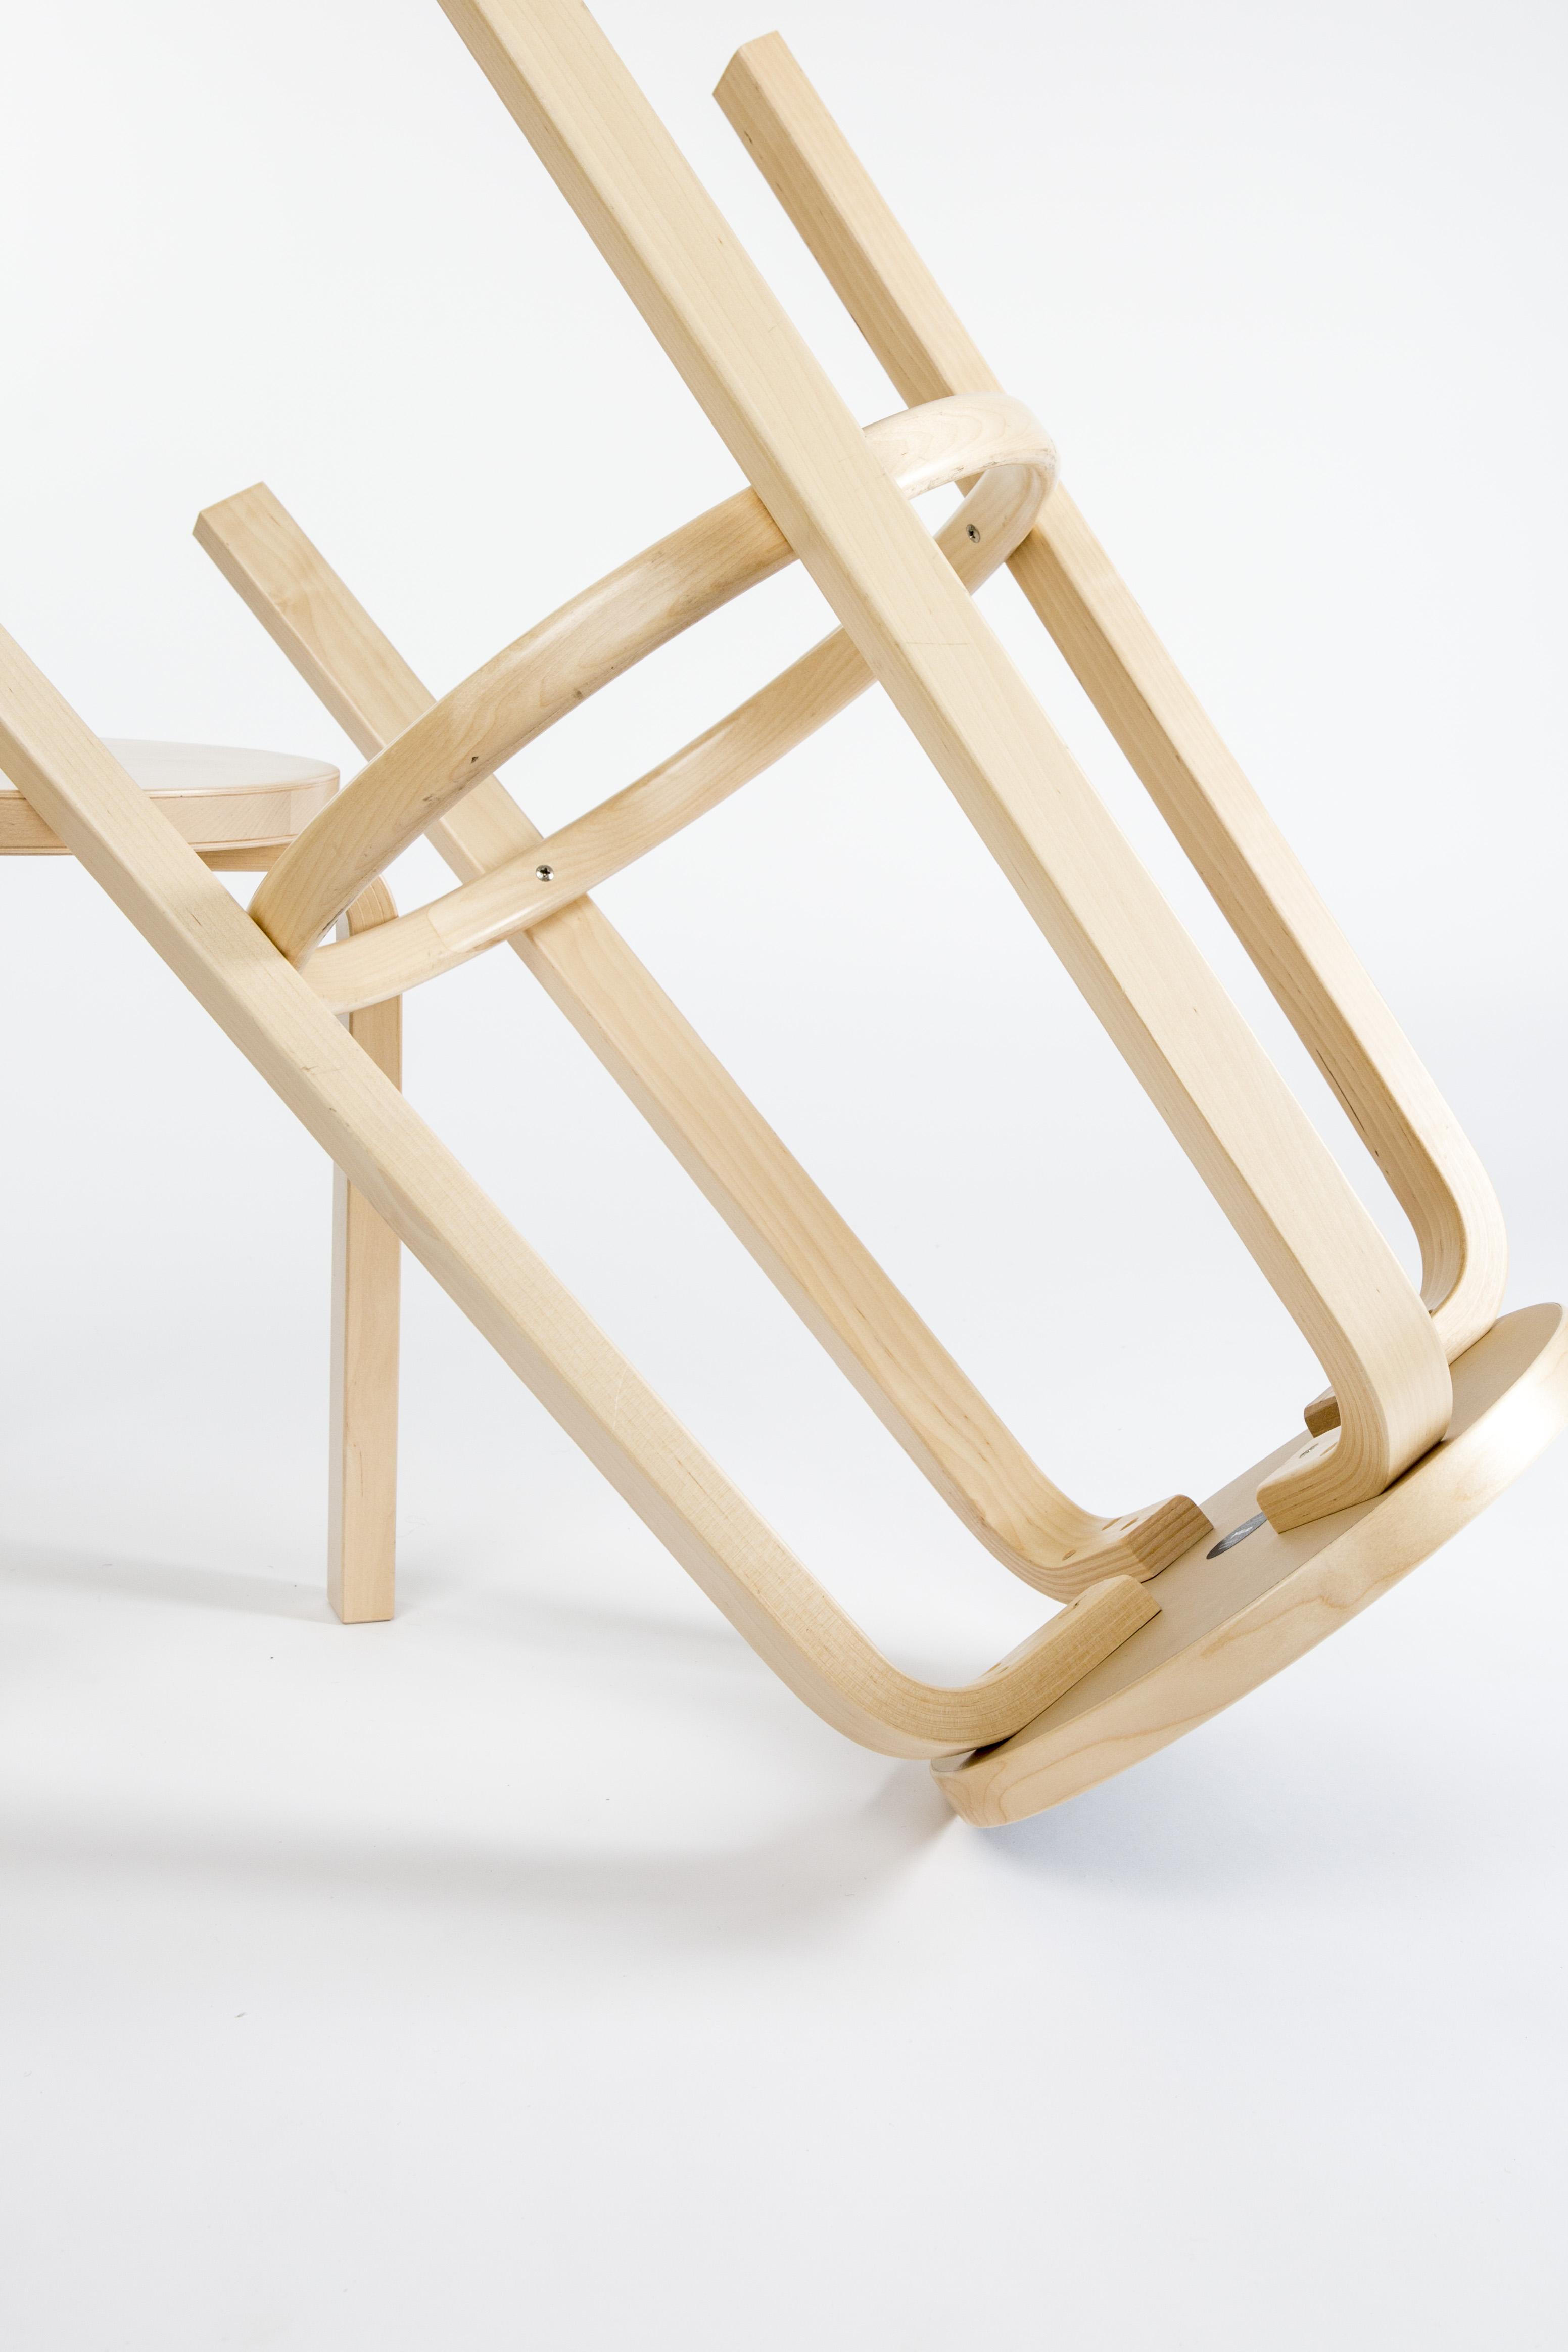 https://www.twiggy.be/en/product/detail/artek-alvar-aalto-64-bar-stool/1040528?colour=84225